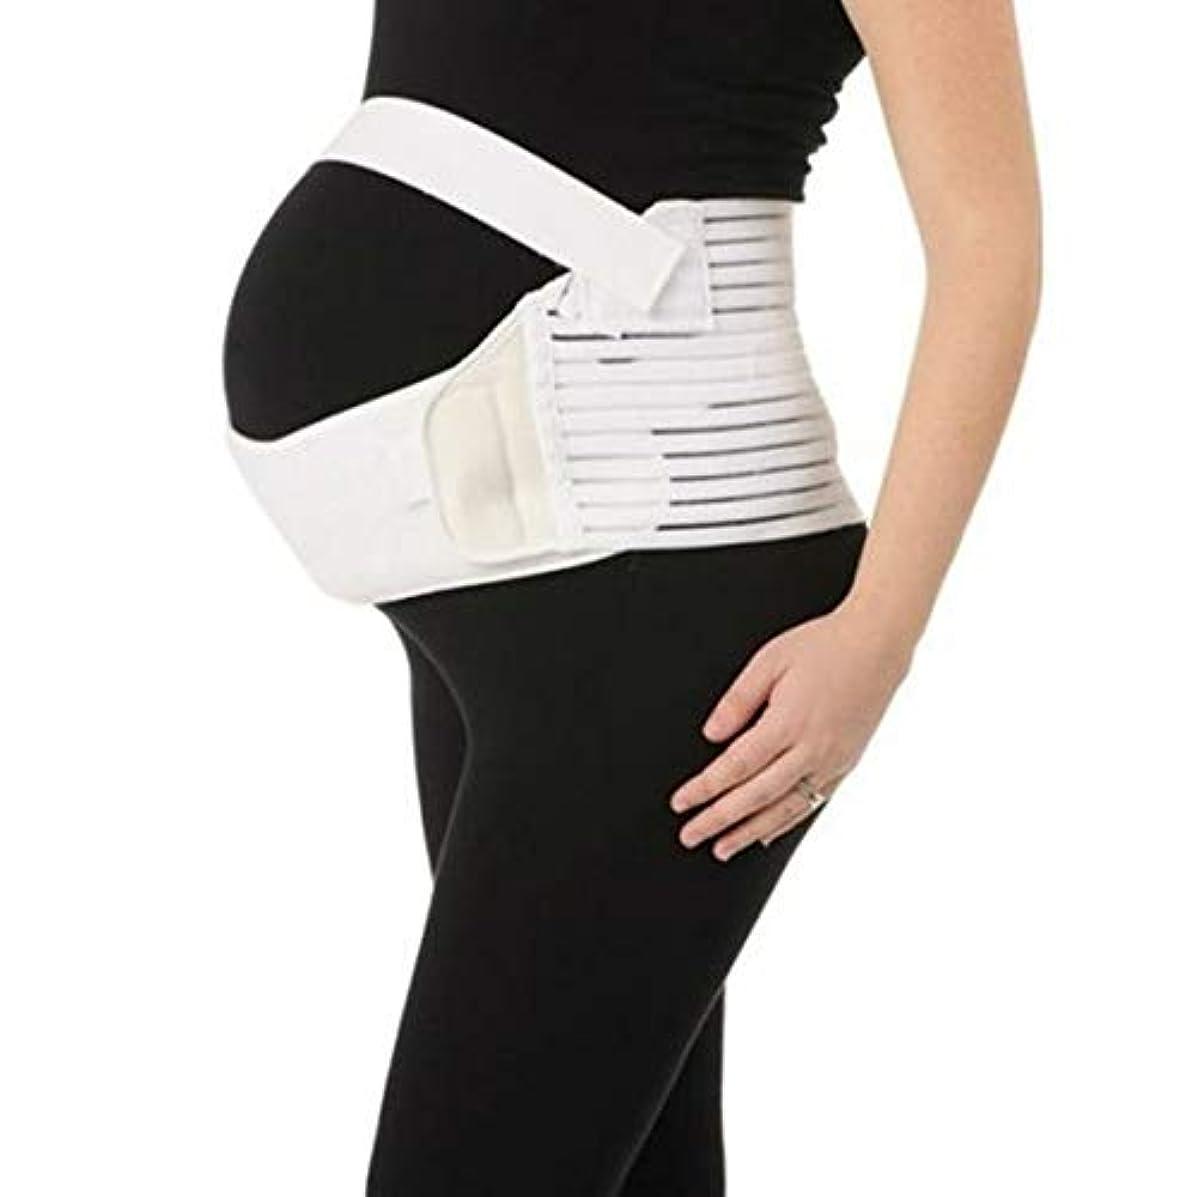 残り物時計作る通気性産科ベルト妊娠腹部サポート腹部バインダーガードル運動包帯産後の回復形状ウェア - ホワイトM